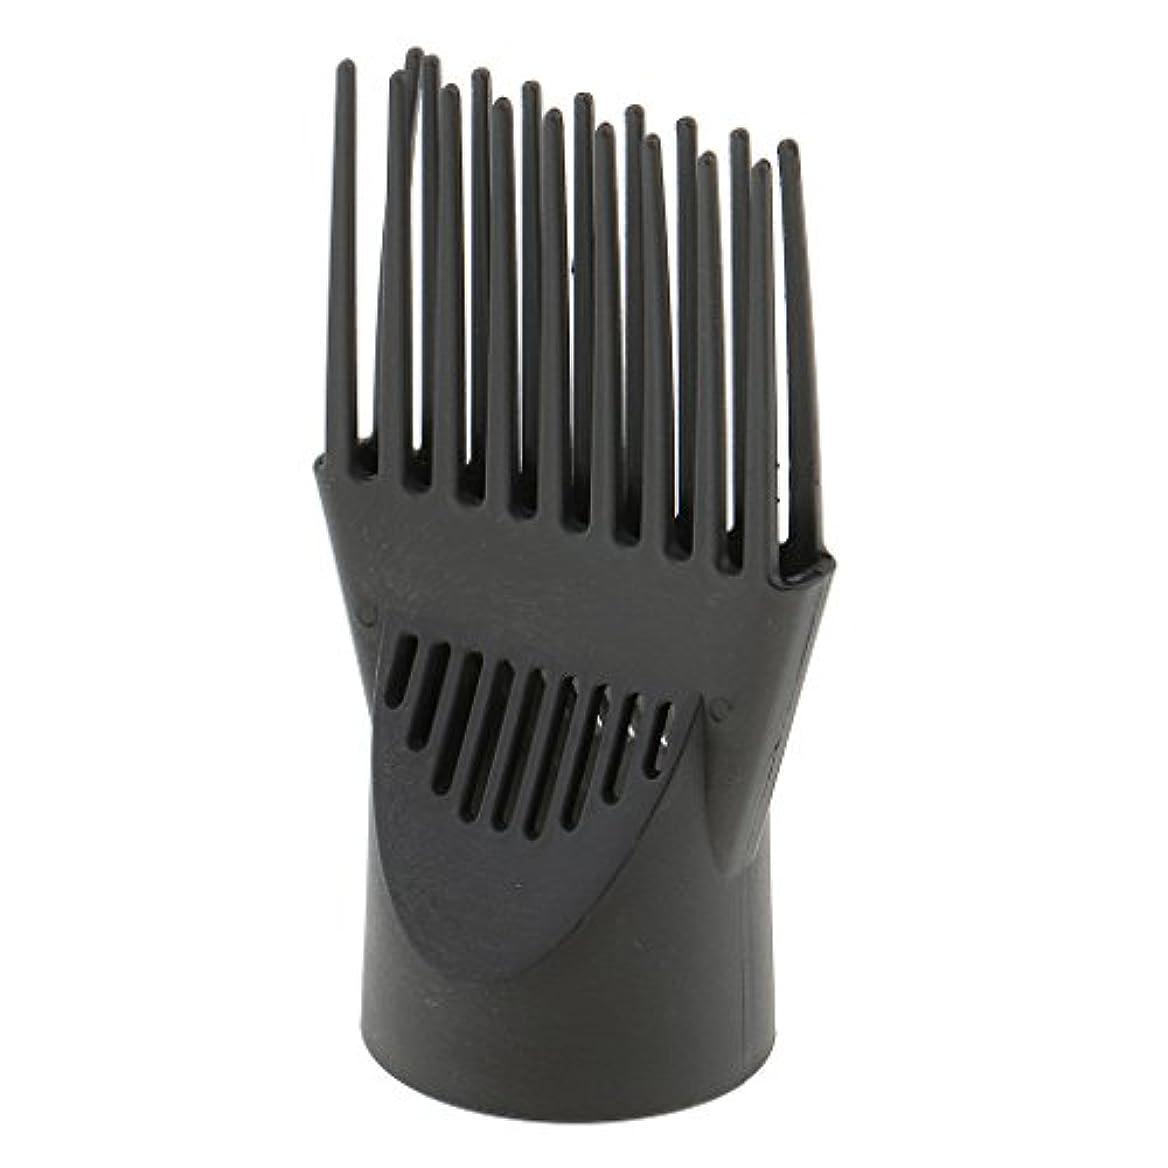 描く原始的な簡単なToygogo プロフェッショナルユニバーサル理髪サロンヘアドライヤーディフューザー風ブローカバーコームアタッチメントノズルブラックプラスチックデュアルグリップ